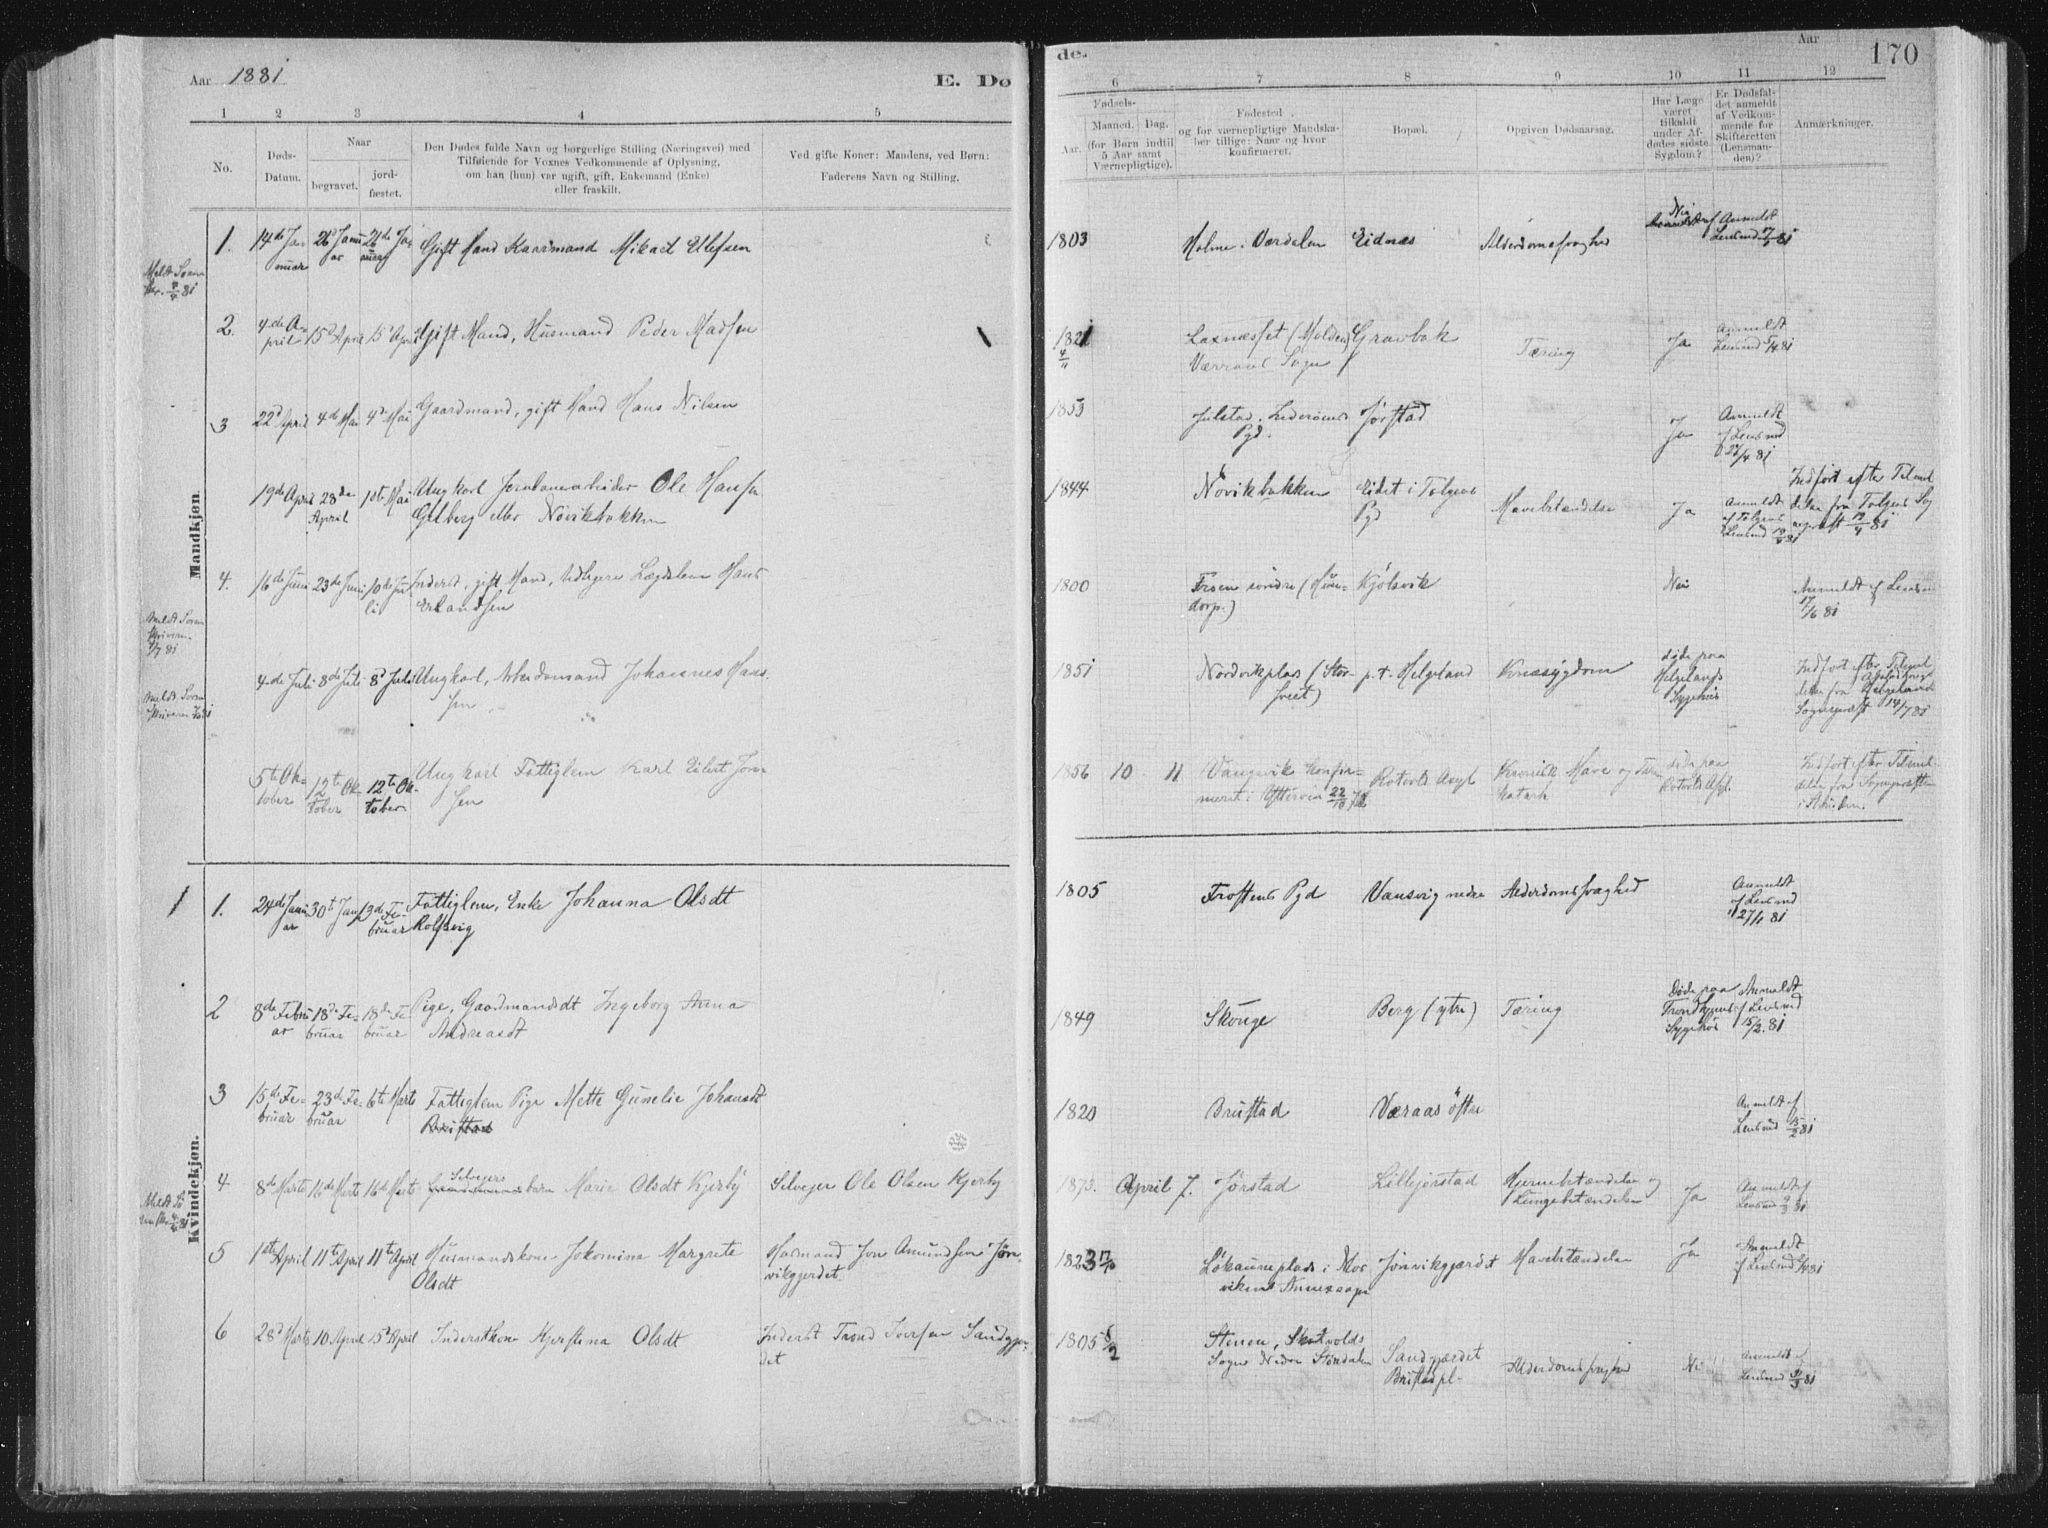 SAT, Ministerialprotokoller, klokkerbøker og fødselsregistre - Nord-Trøndelag, 722/L0220: Ministerialbok nr. 722A07, 1881-1908, s. 170